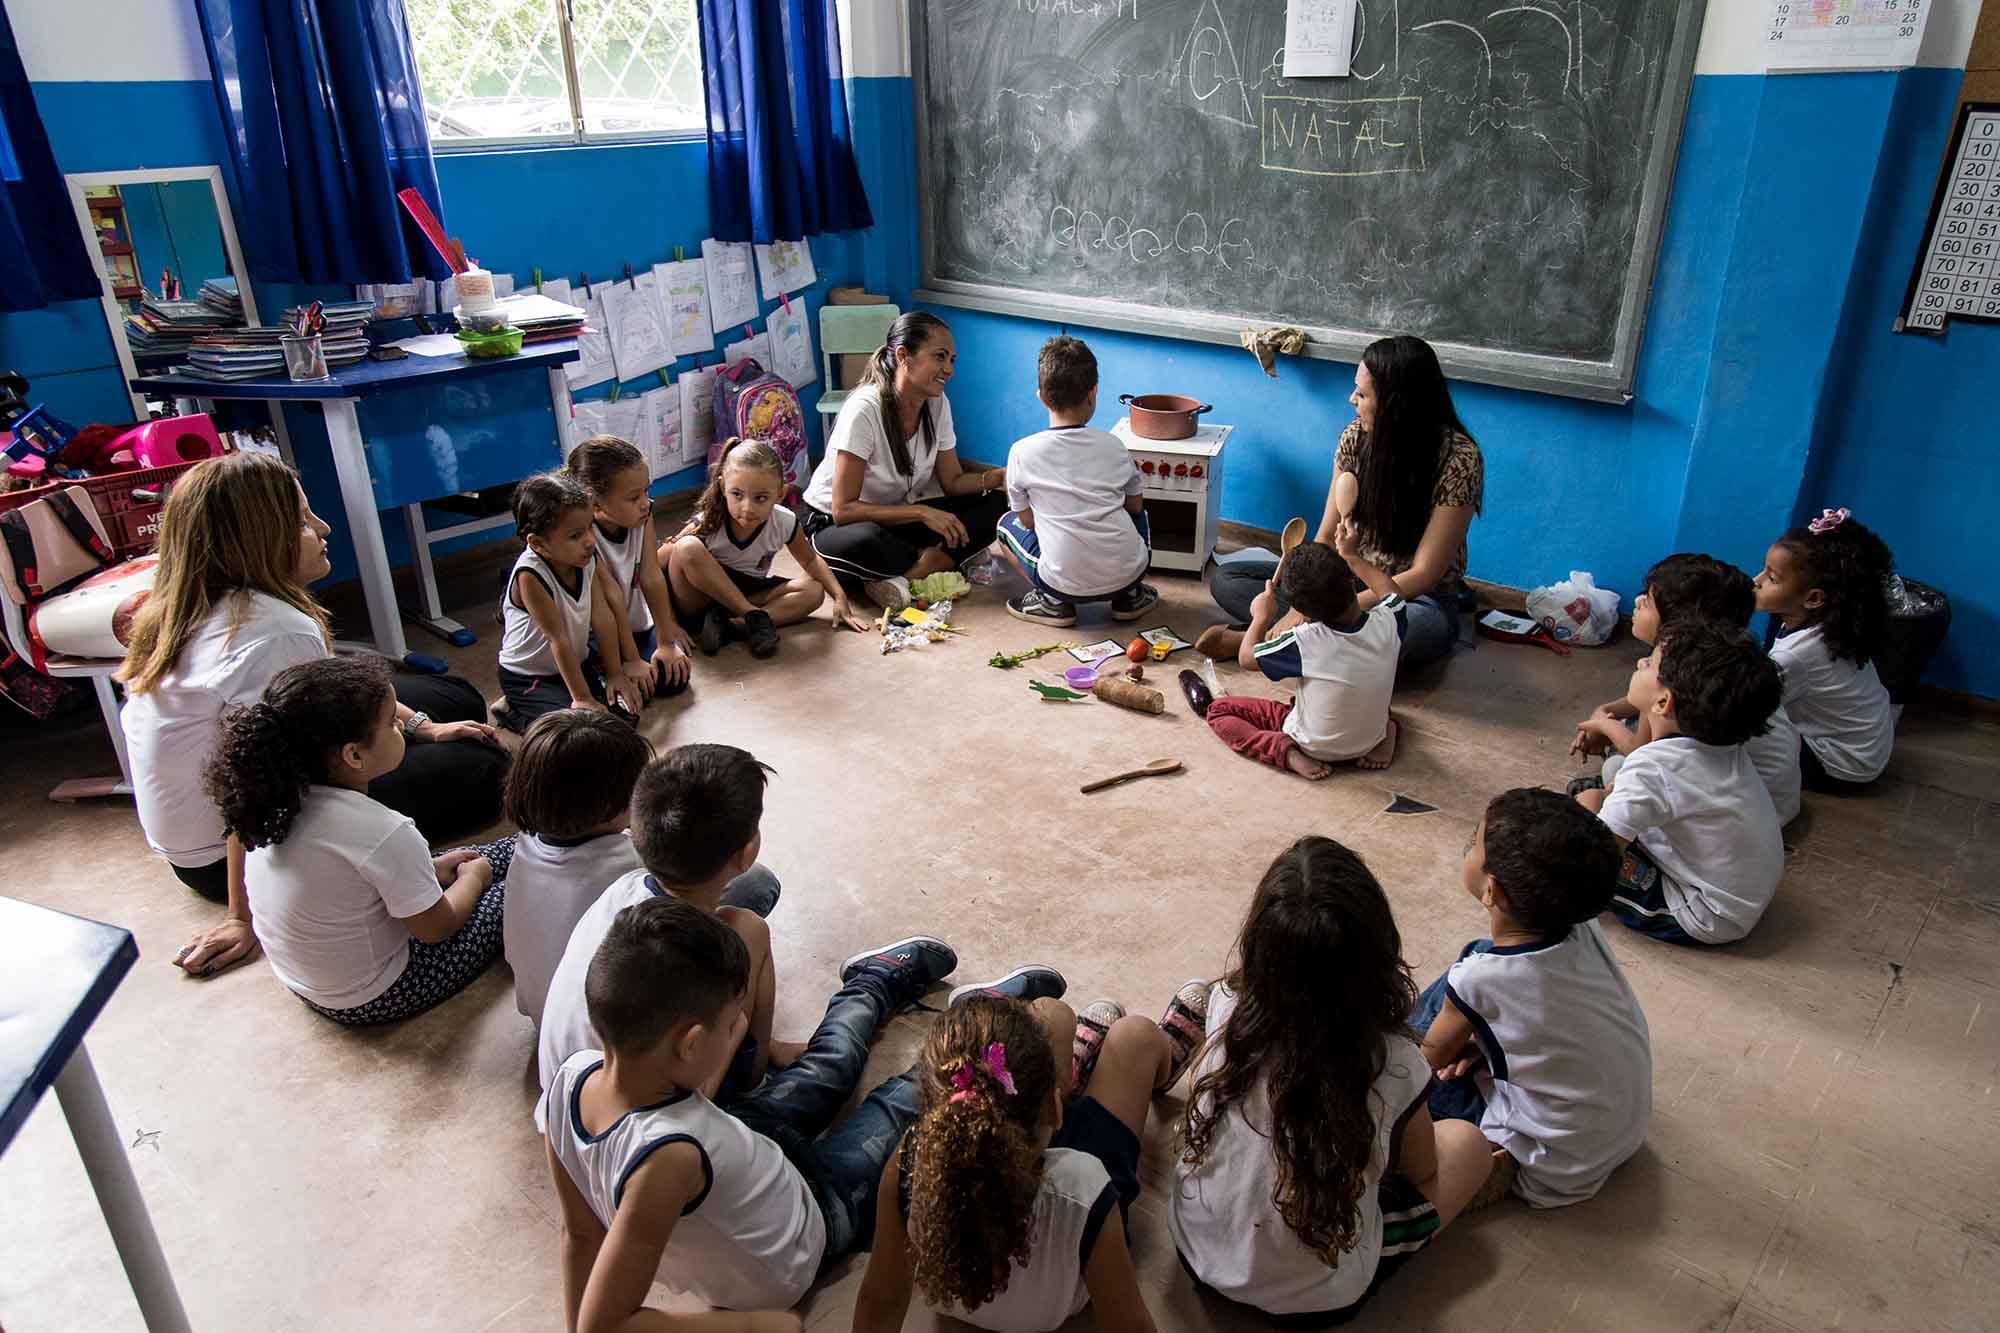 Em sala de aula, estudantes em roda sentados no chão observam aluno manuseando fogão musical, enquanto duas professoras supervisionam a atividade. Fim da descrição.